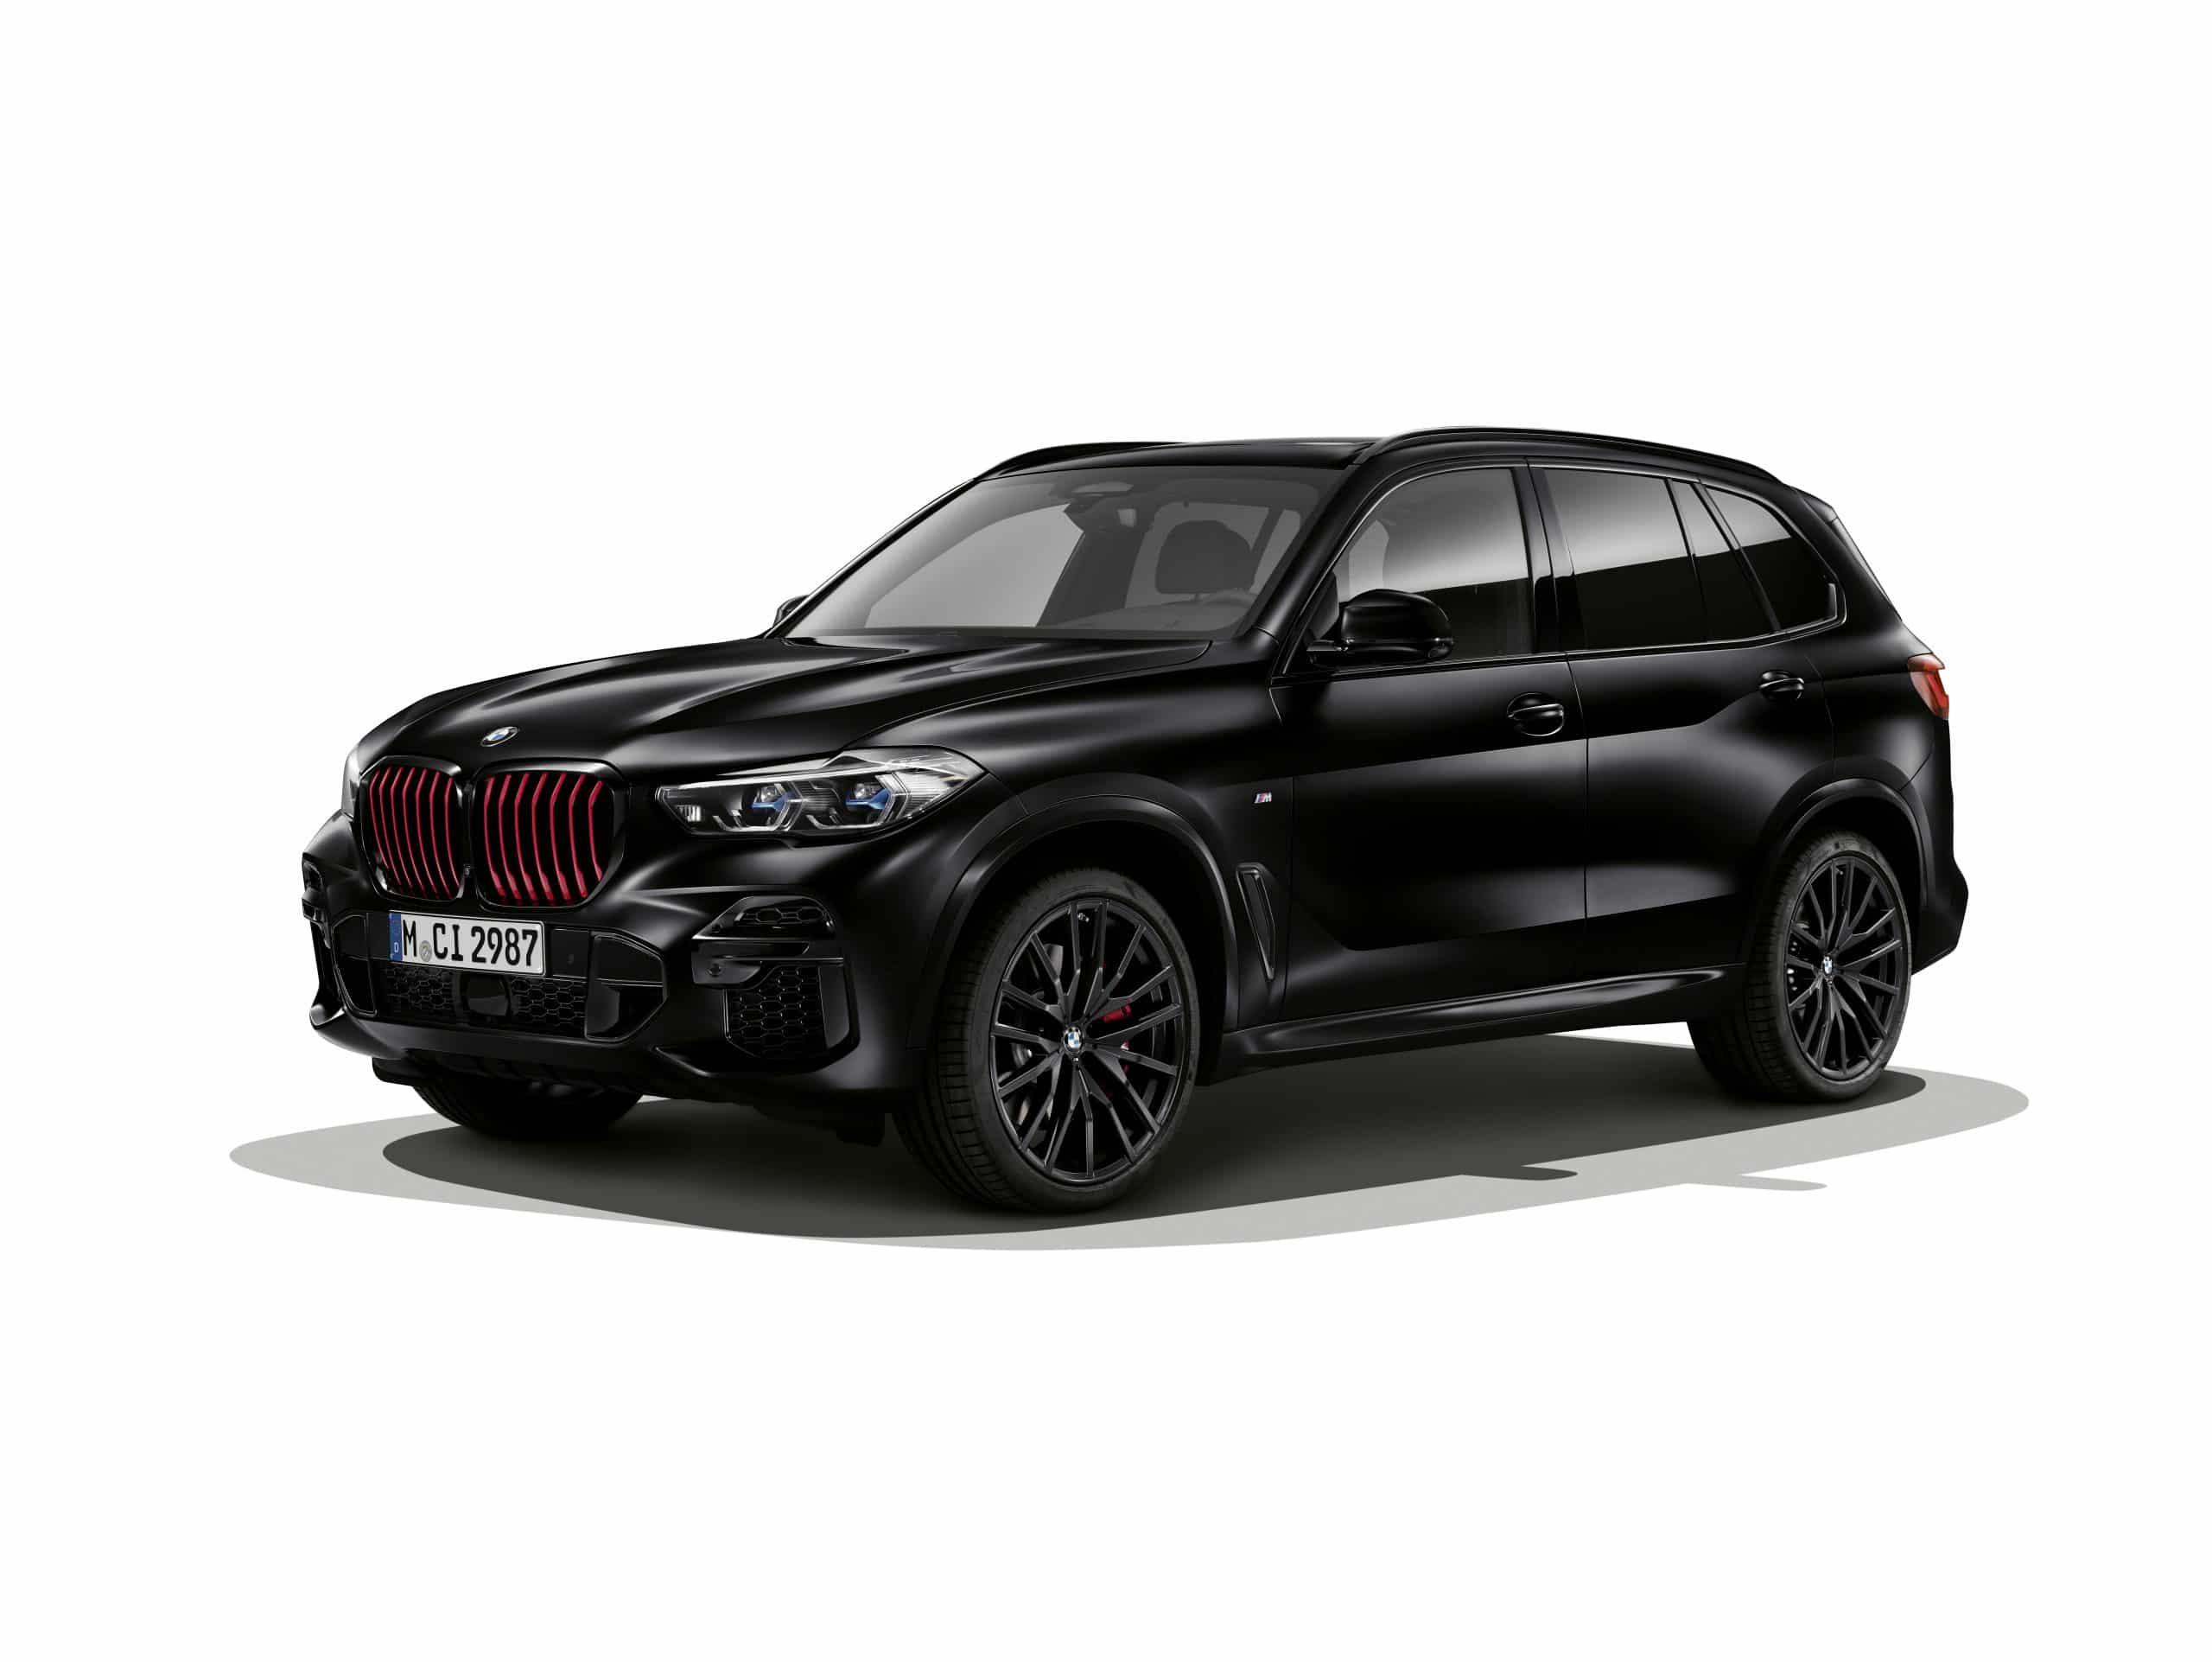 P90428329 highRes scaled BMW : Νέες περιορισμένης παραγωγής εκδόσεις, για τις X5, X6 & X7 BMW, BMW X5, BMW X6, BMW X7, ειδήσεις, Νέα